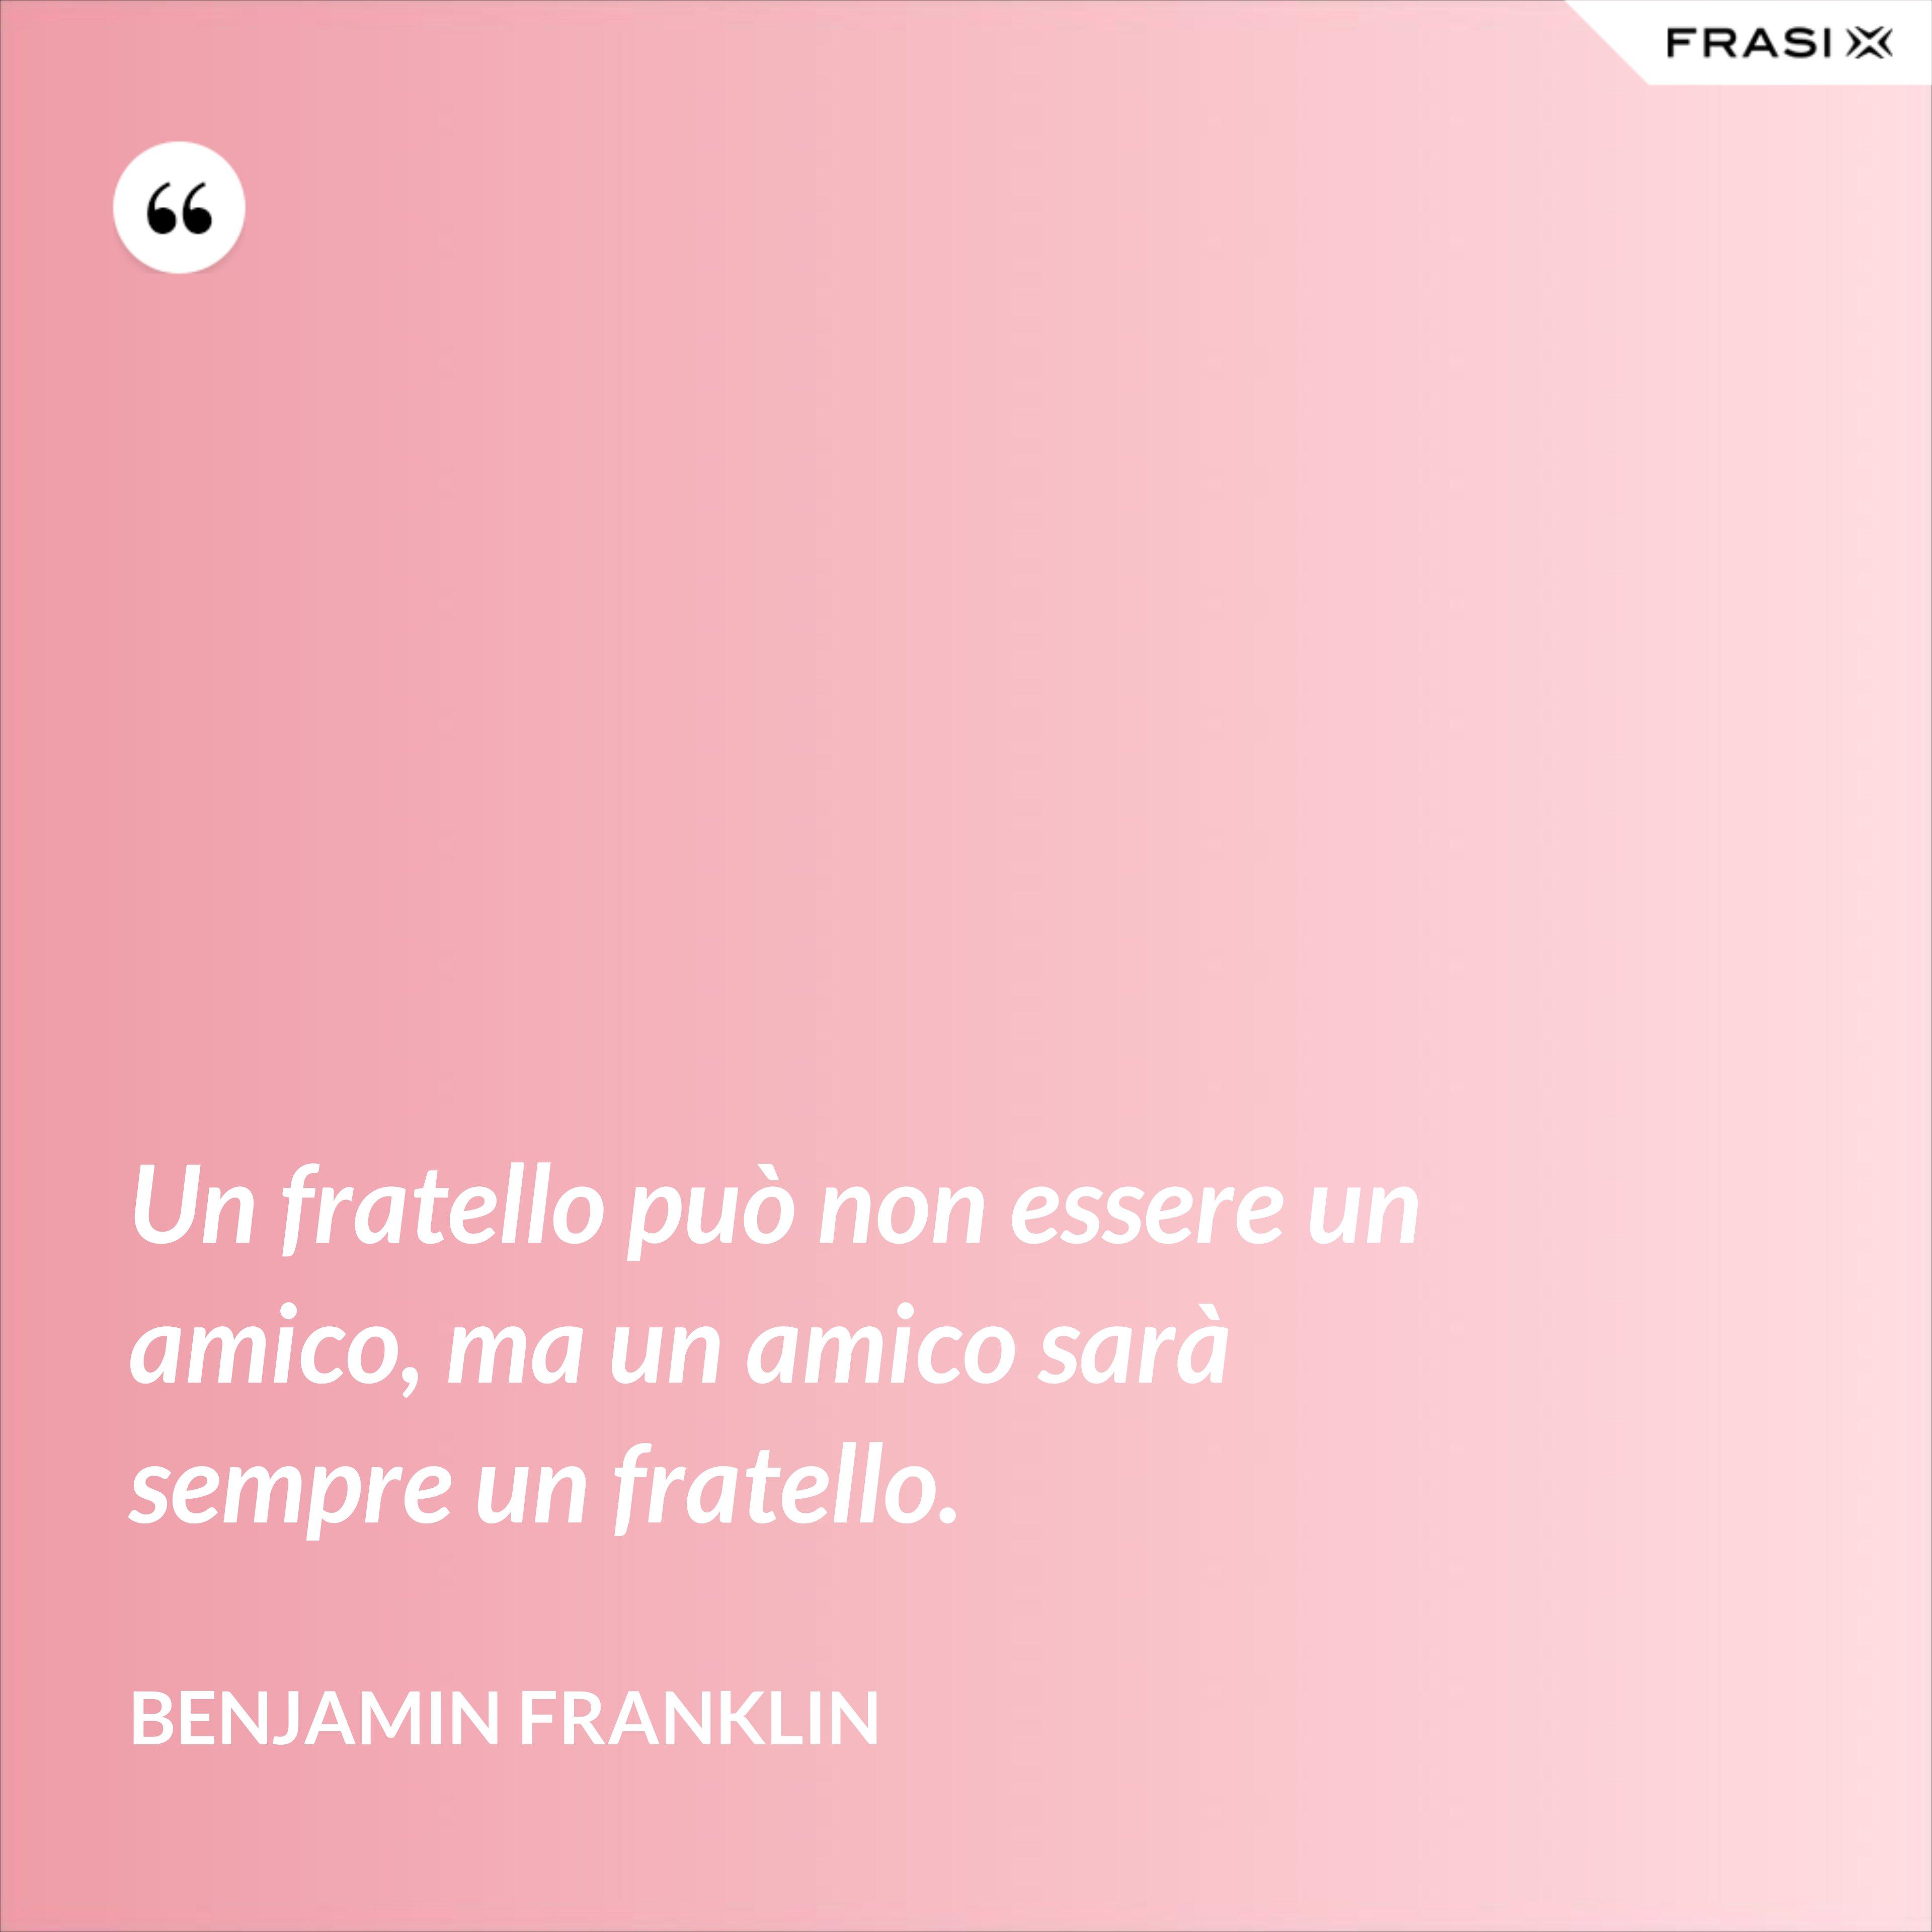 Un fratello può non essere un amico, ma un amico sarà sempre un fratello. - Benjamin Franklin